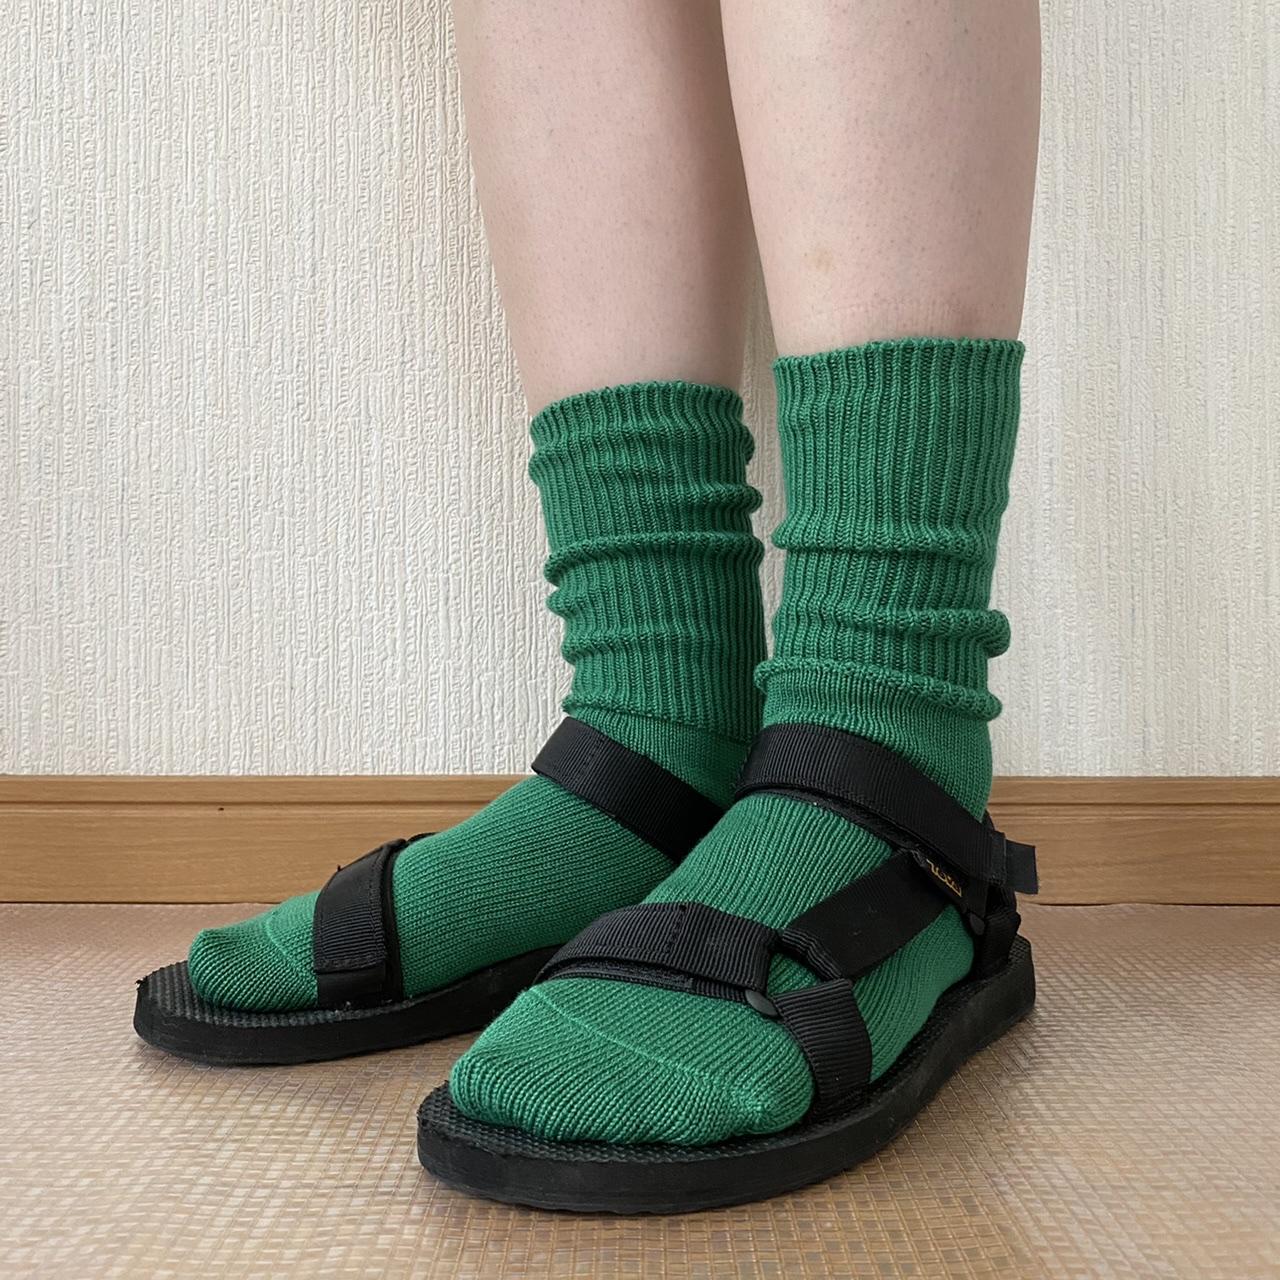 スポサン×カラフルくしゅくしゅ靴下